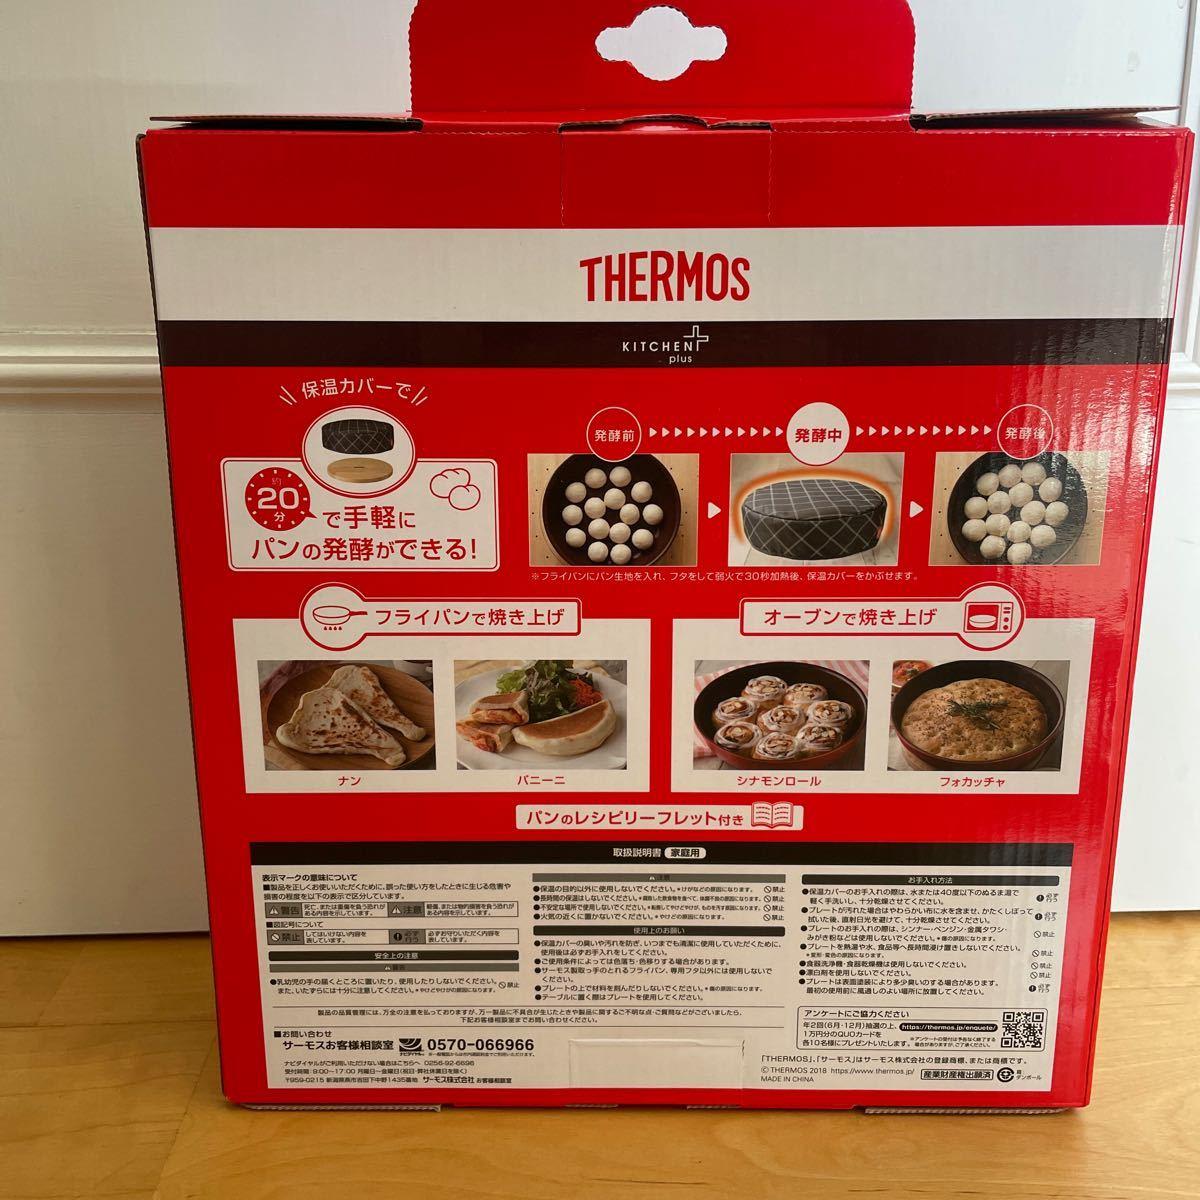 THERMOS (サーモス) フライパン保温カバー (木製プレート付) GYグレー KAC-001 シンプル 便利 料理